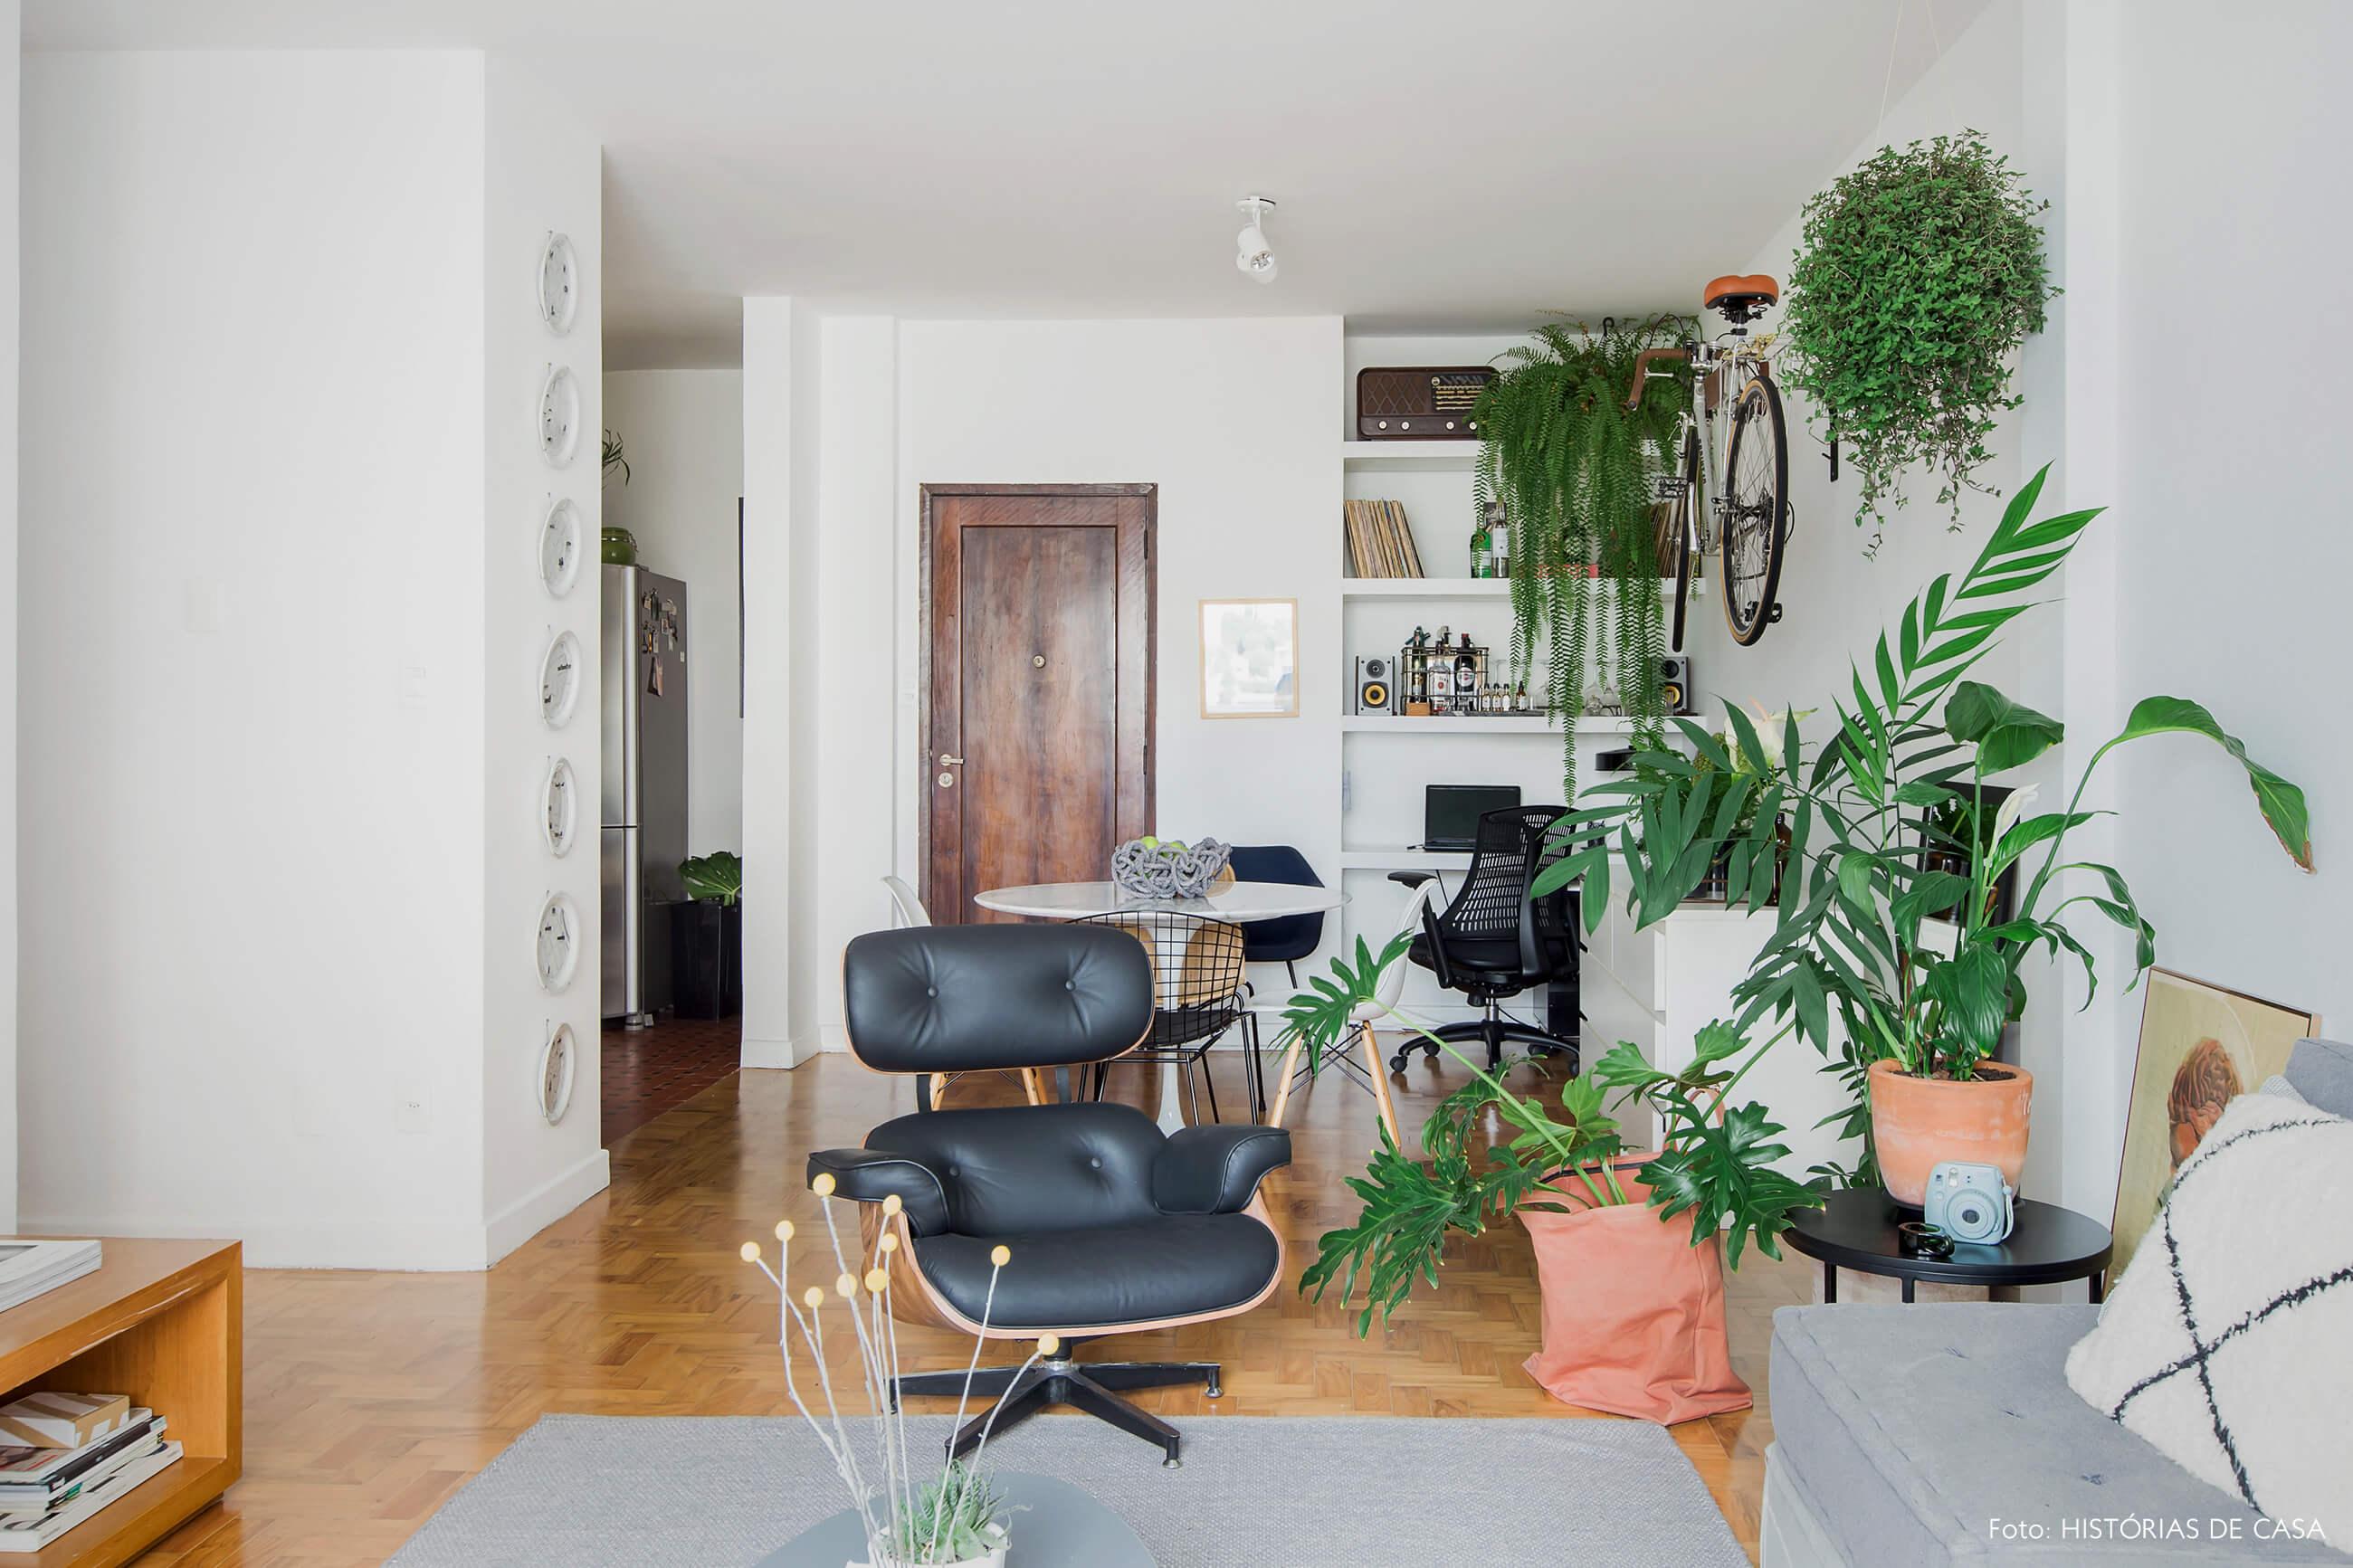 Sala com home office e muitas plantas, samambaia